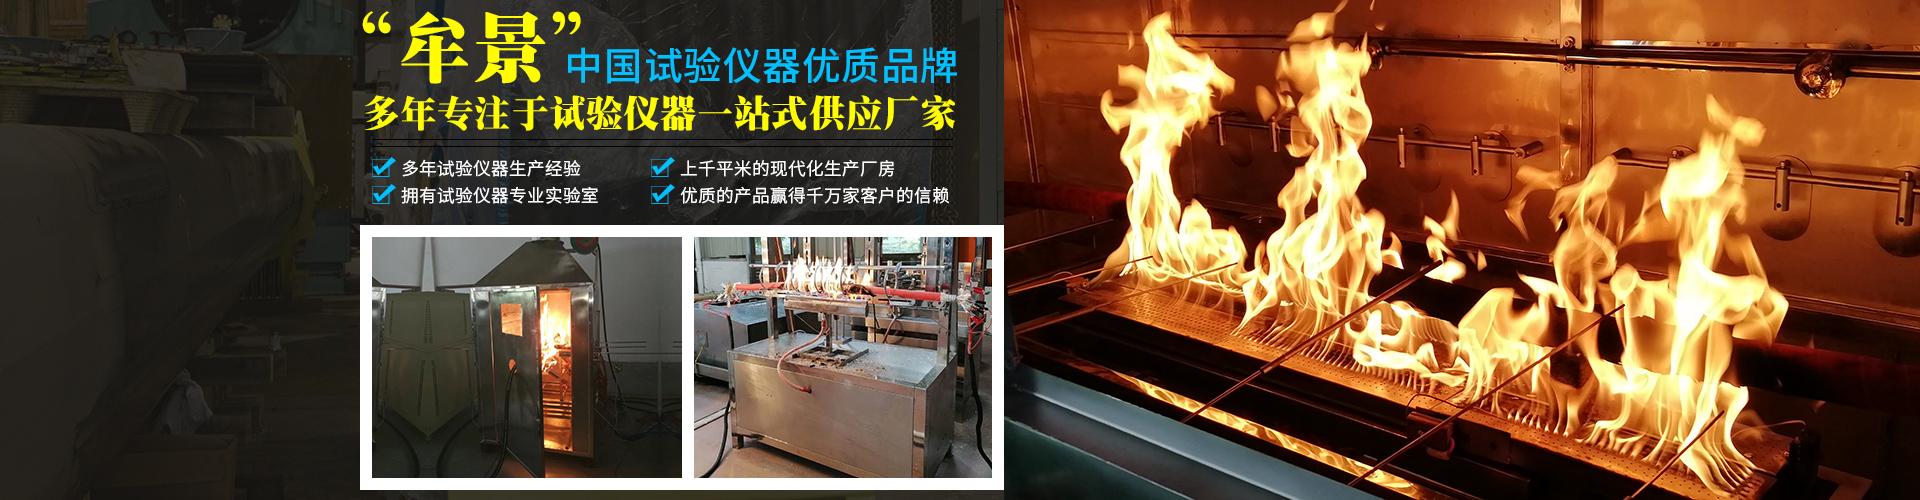 燃烧试验机